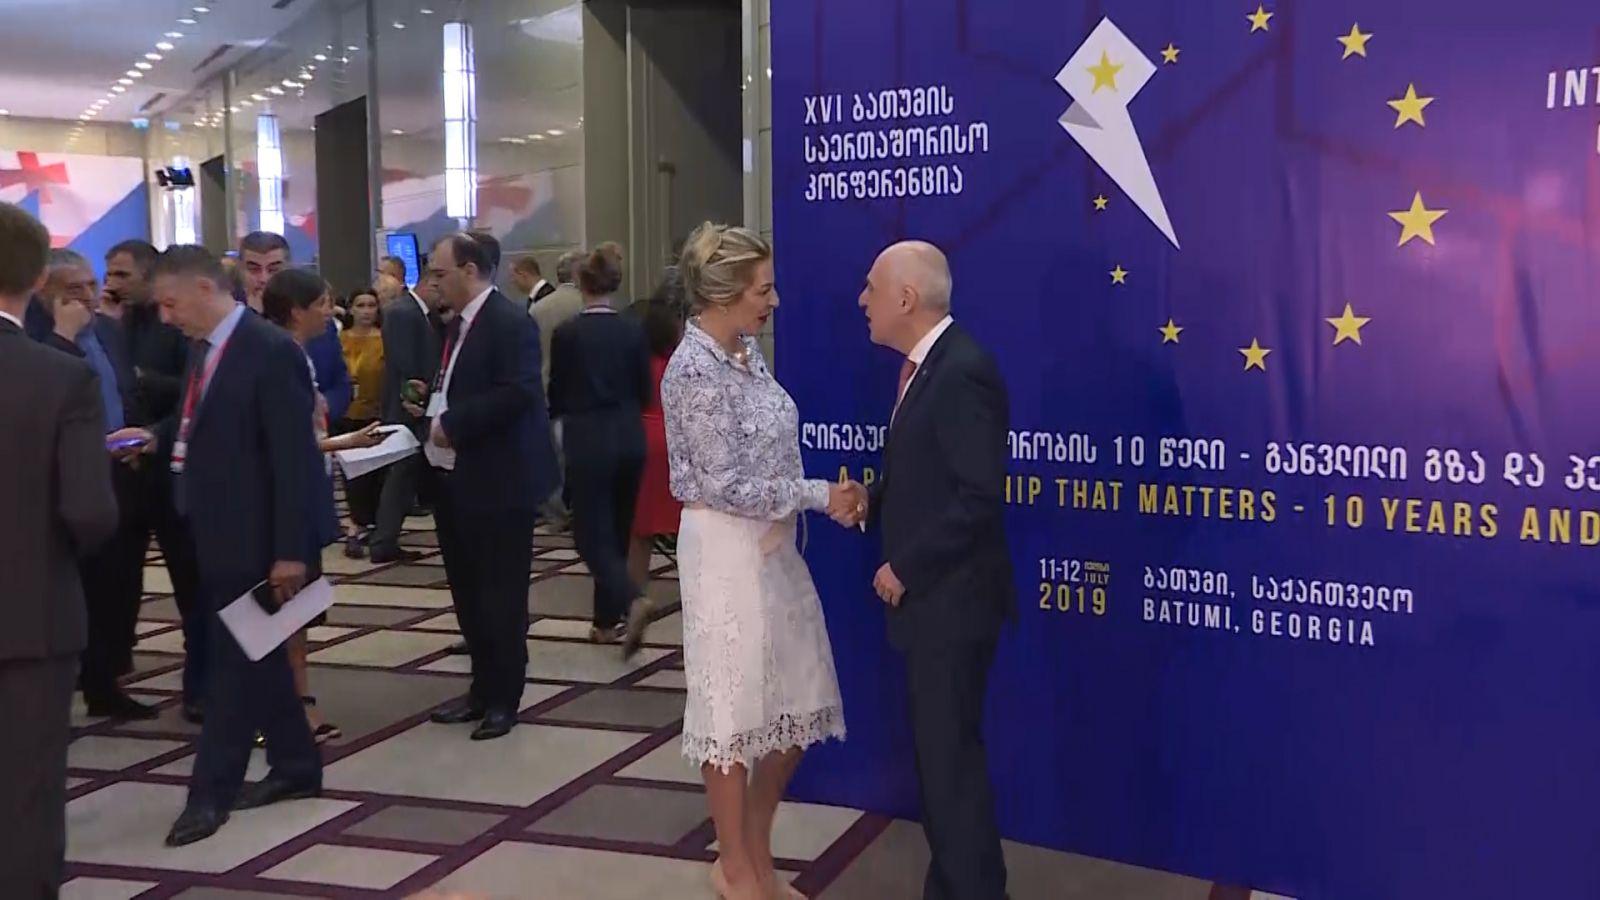 Ј. Јоксимовић: Грузија препознала Србију као најозбиљнијег кандидата за ЕУ